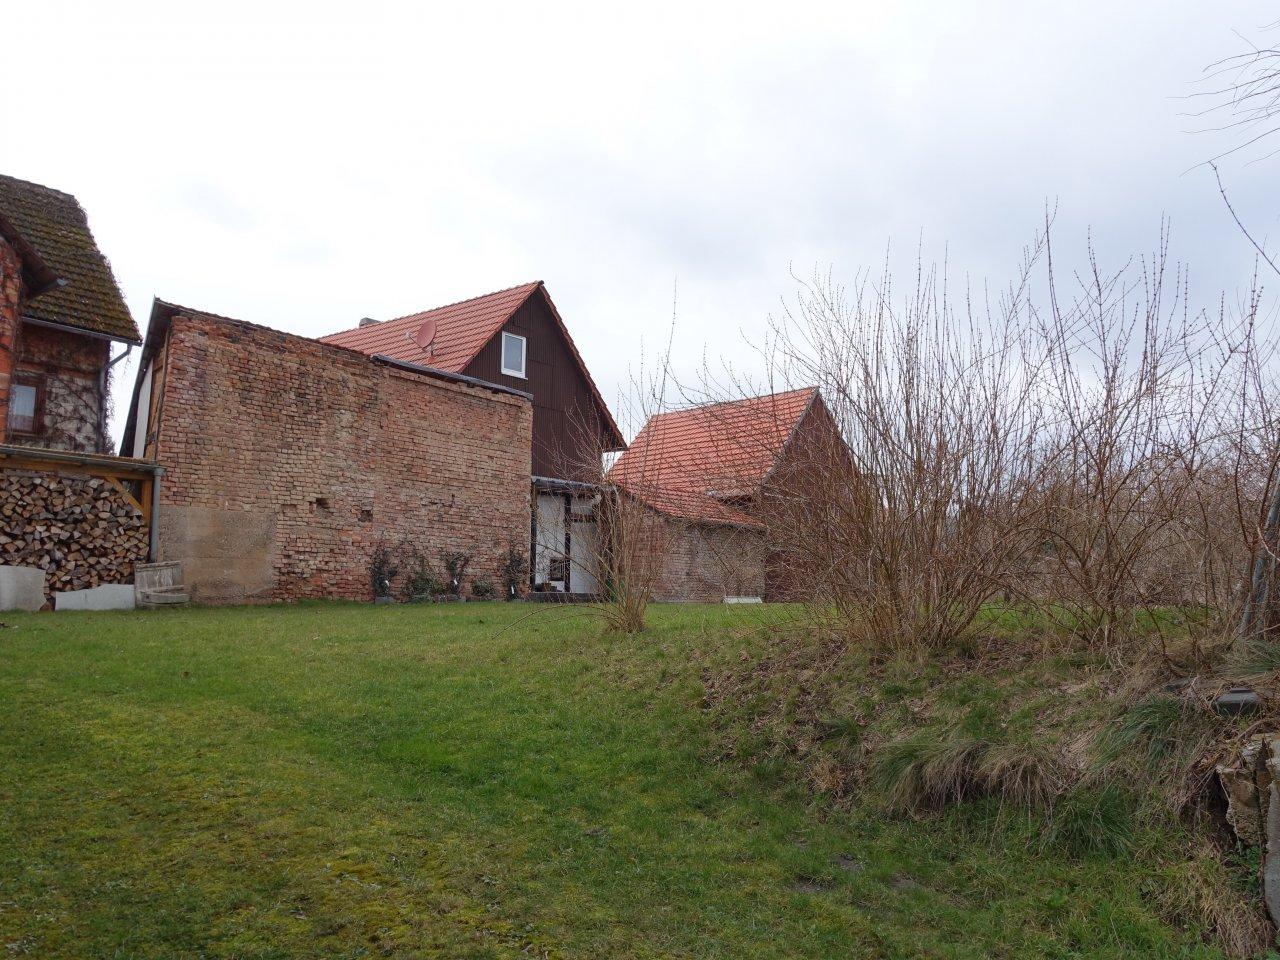 Überwiegend beräumtes Grundstück im Innenbereich **etwa 250 m westlich der Werrabrücke**